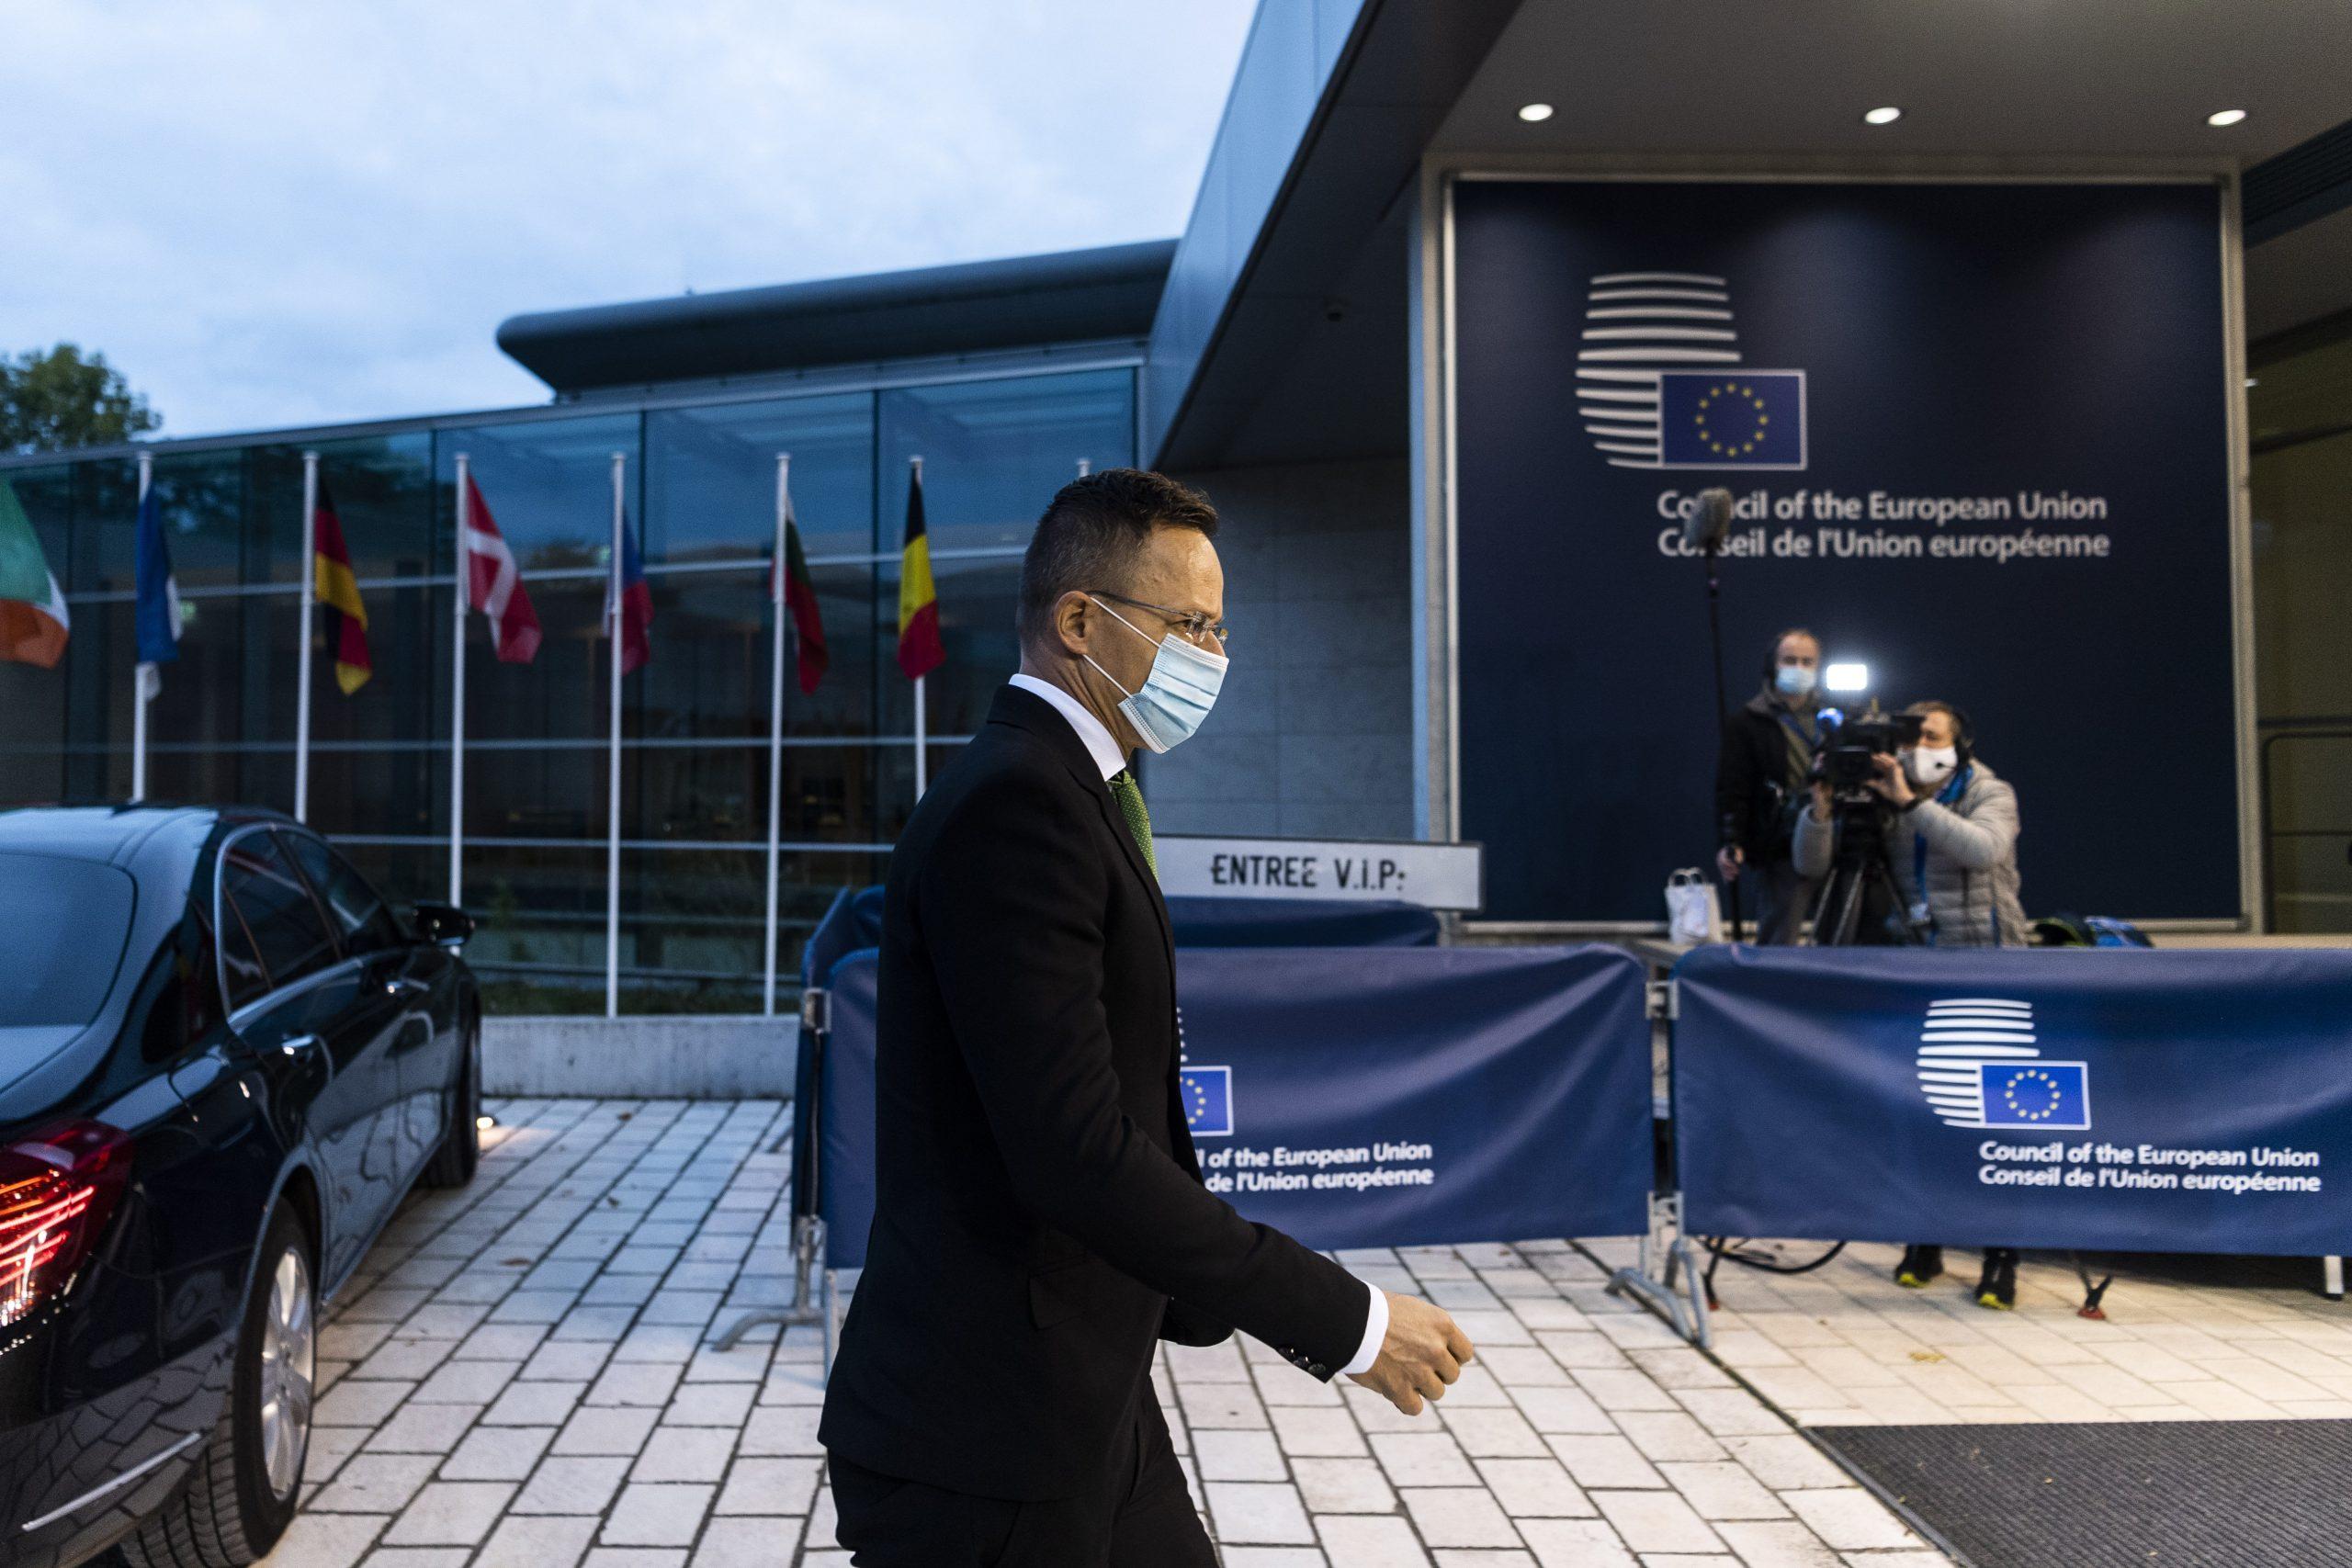 FM Szijjártó: EU Proposal to Scrap Unanimity Requirement for Foreign Policy Decisions 'Dangerous'